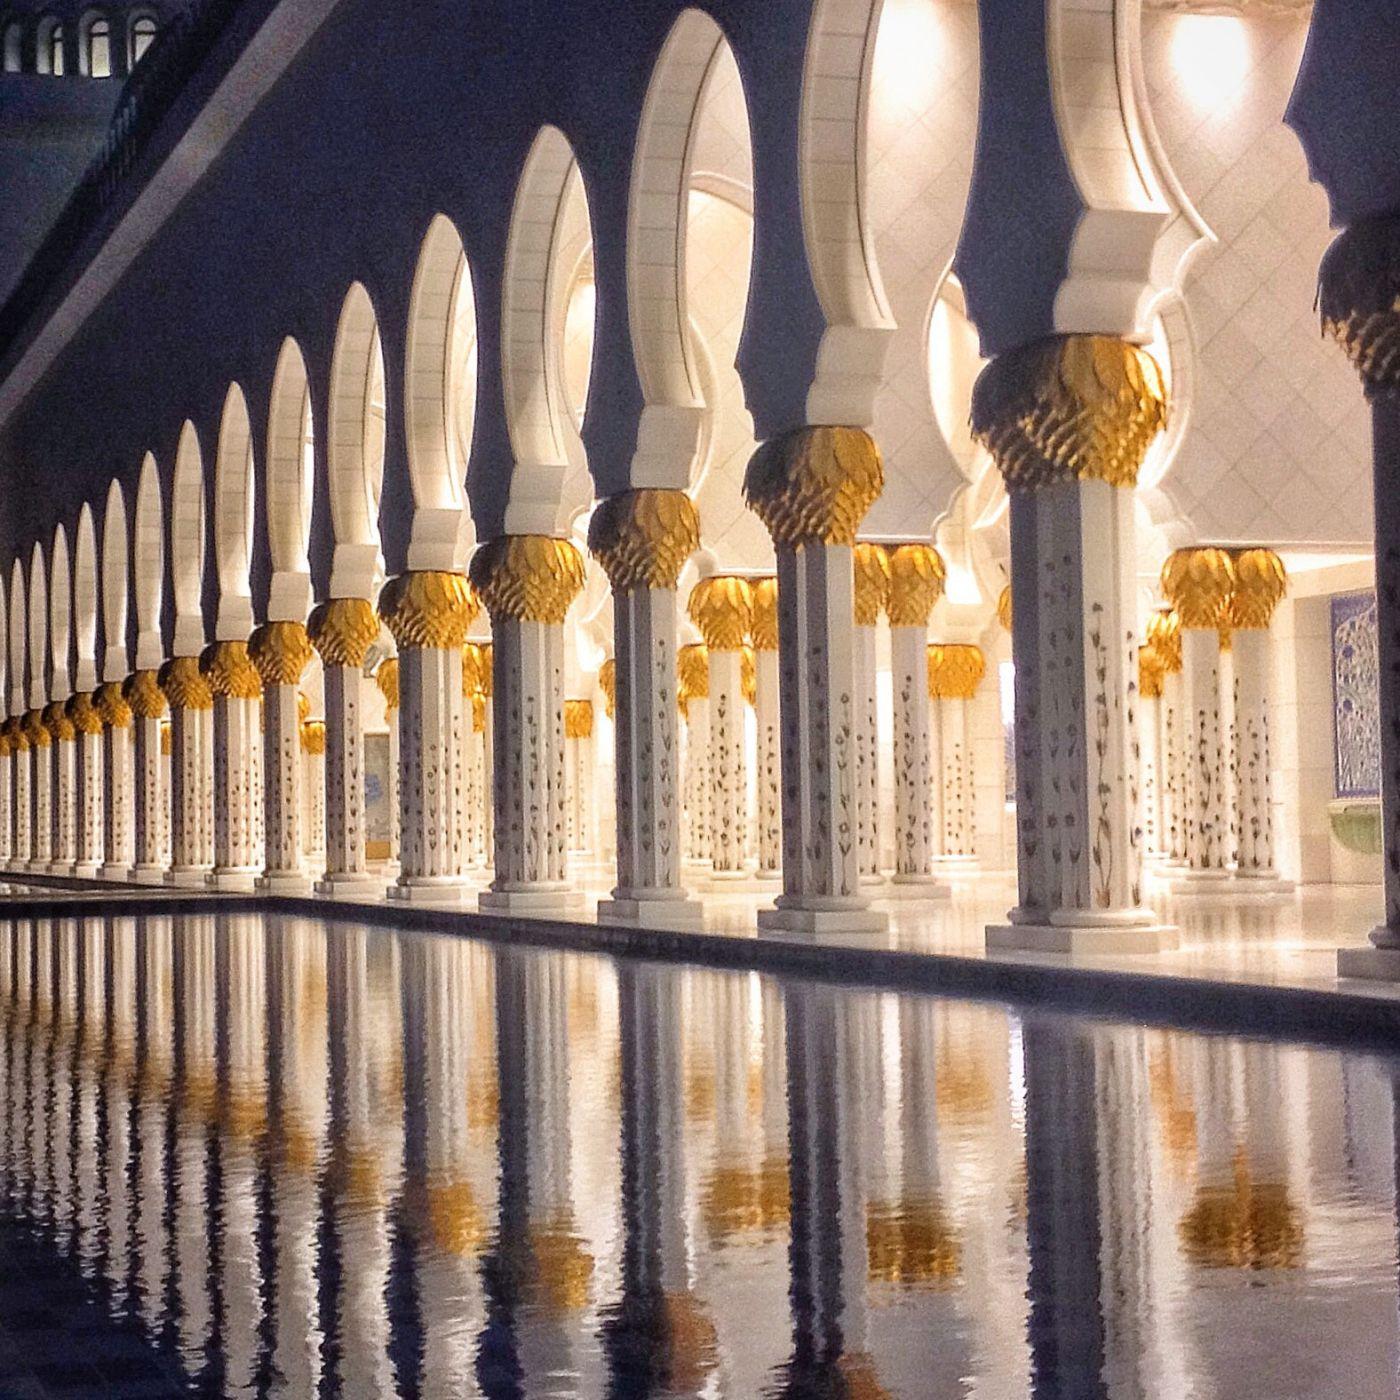 The Grand Mosque, United Arab Emirates